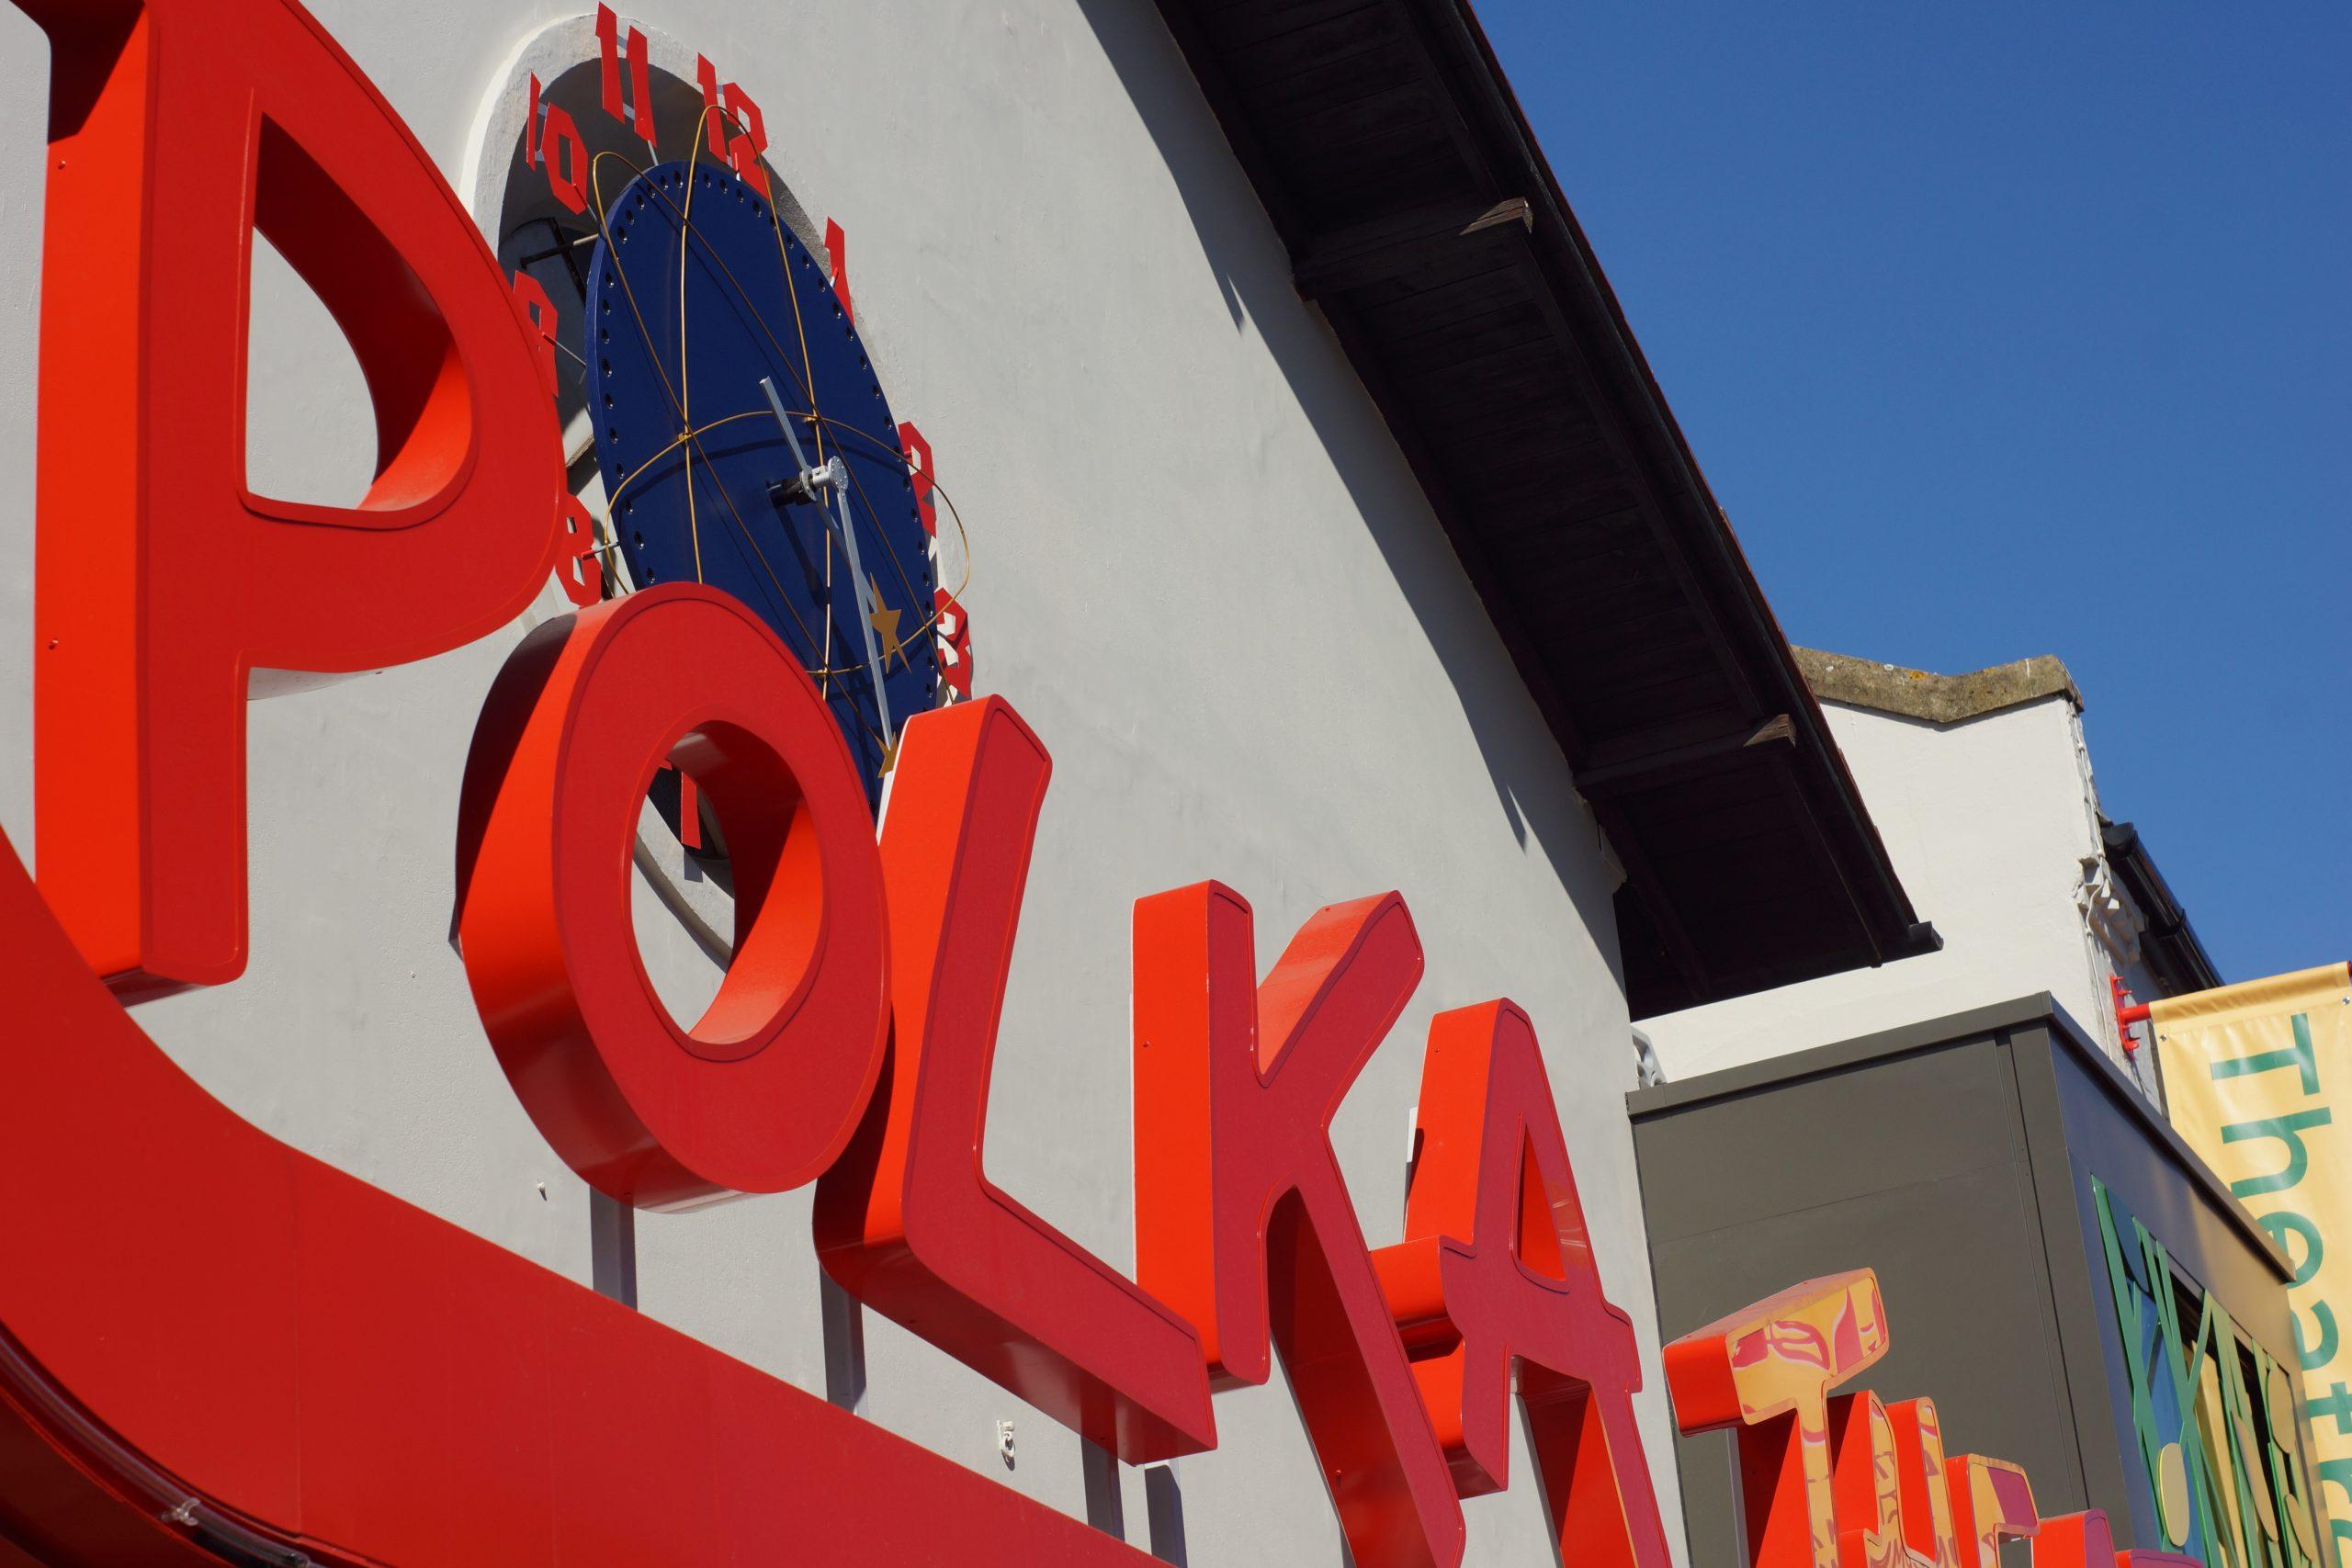 Polka outdoor signage